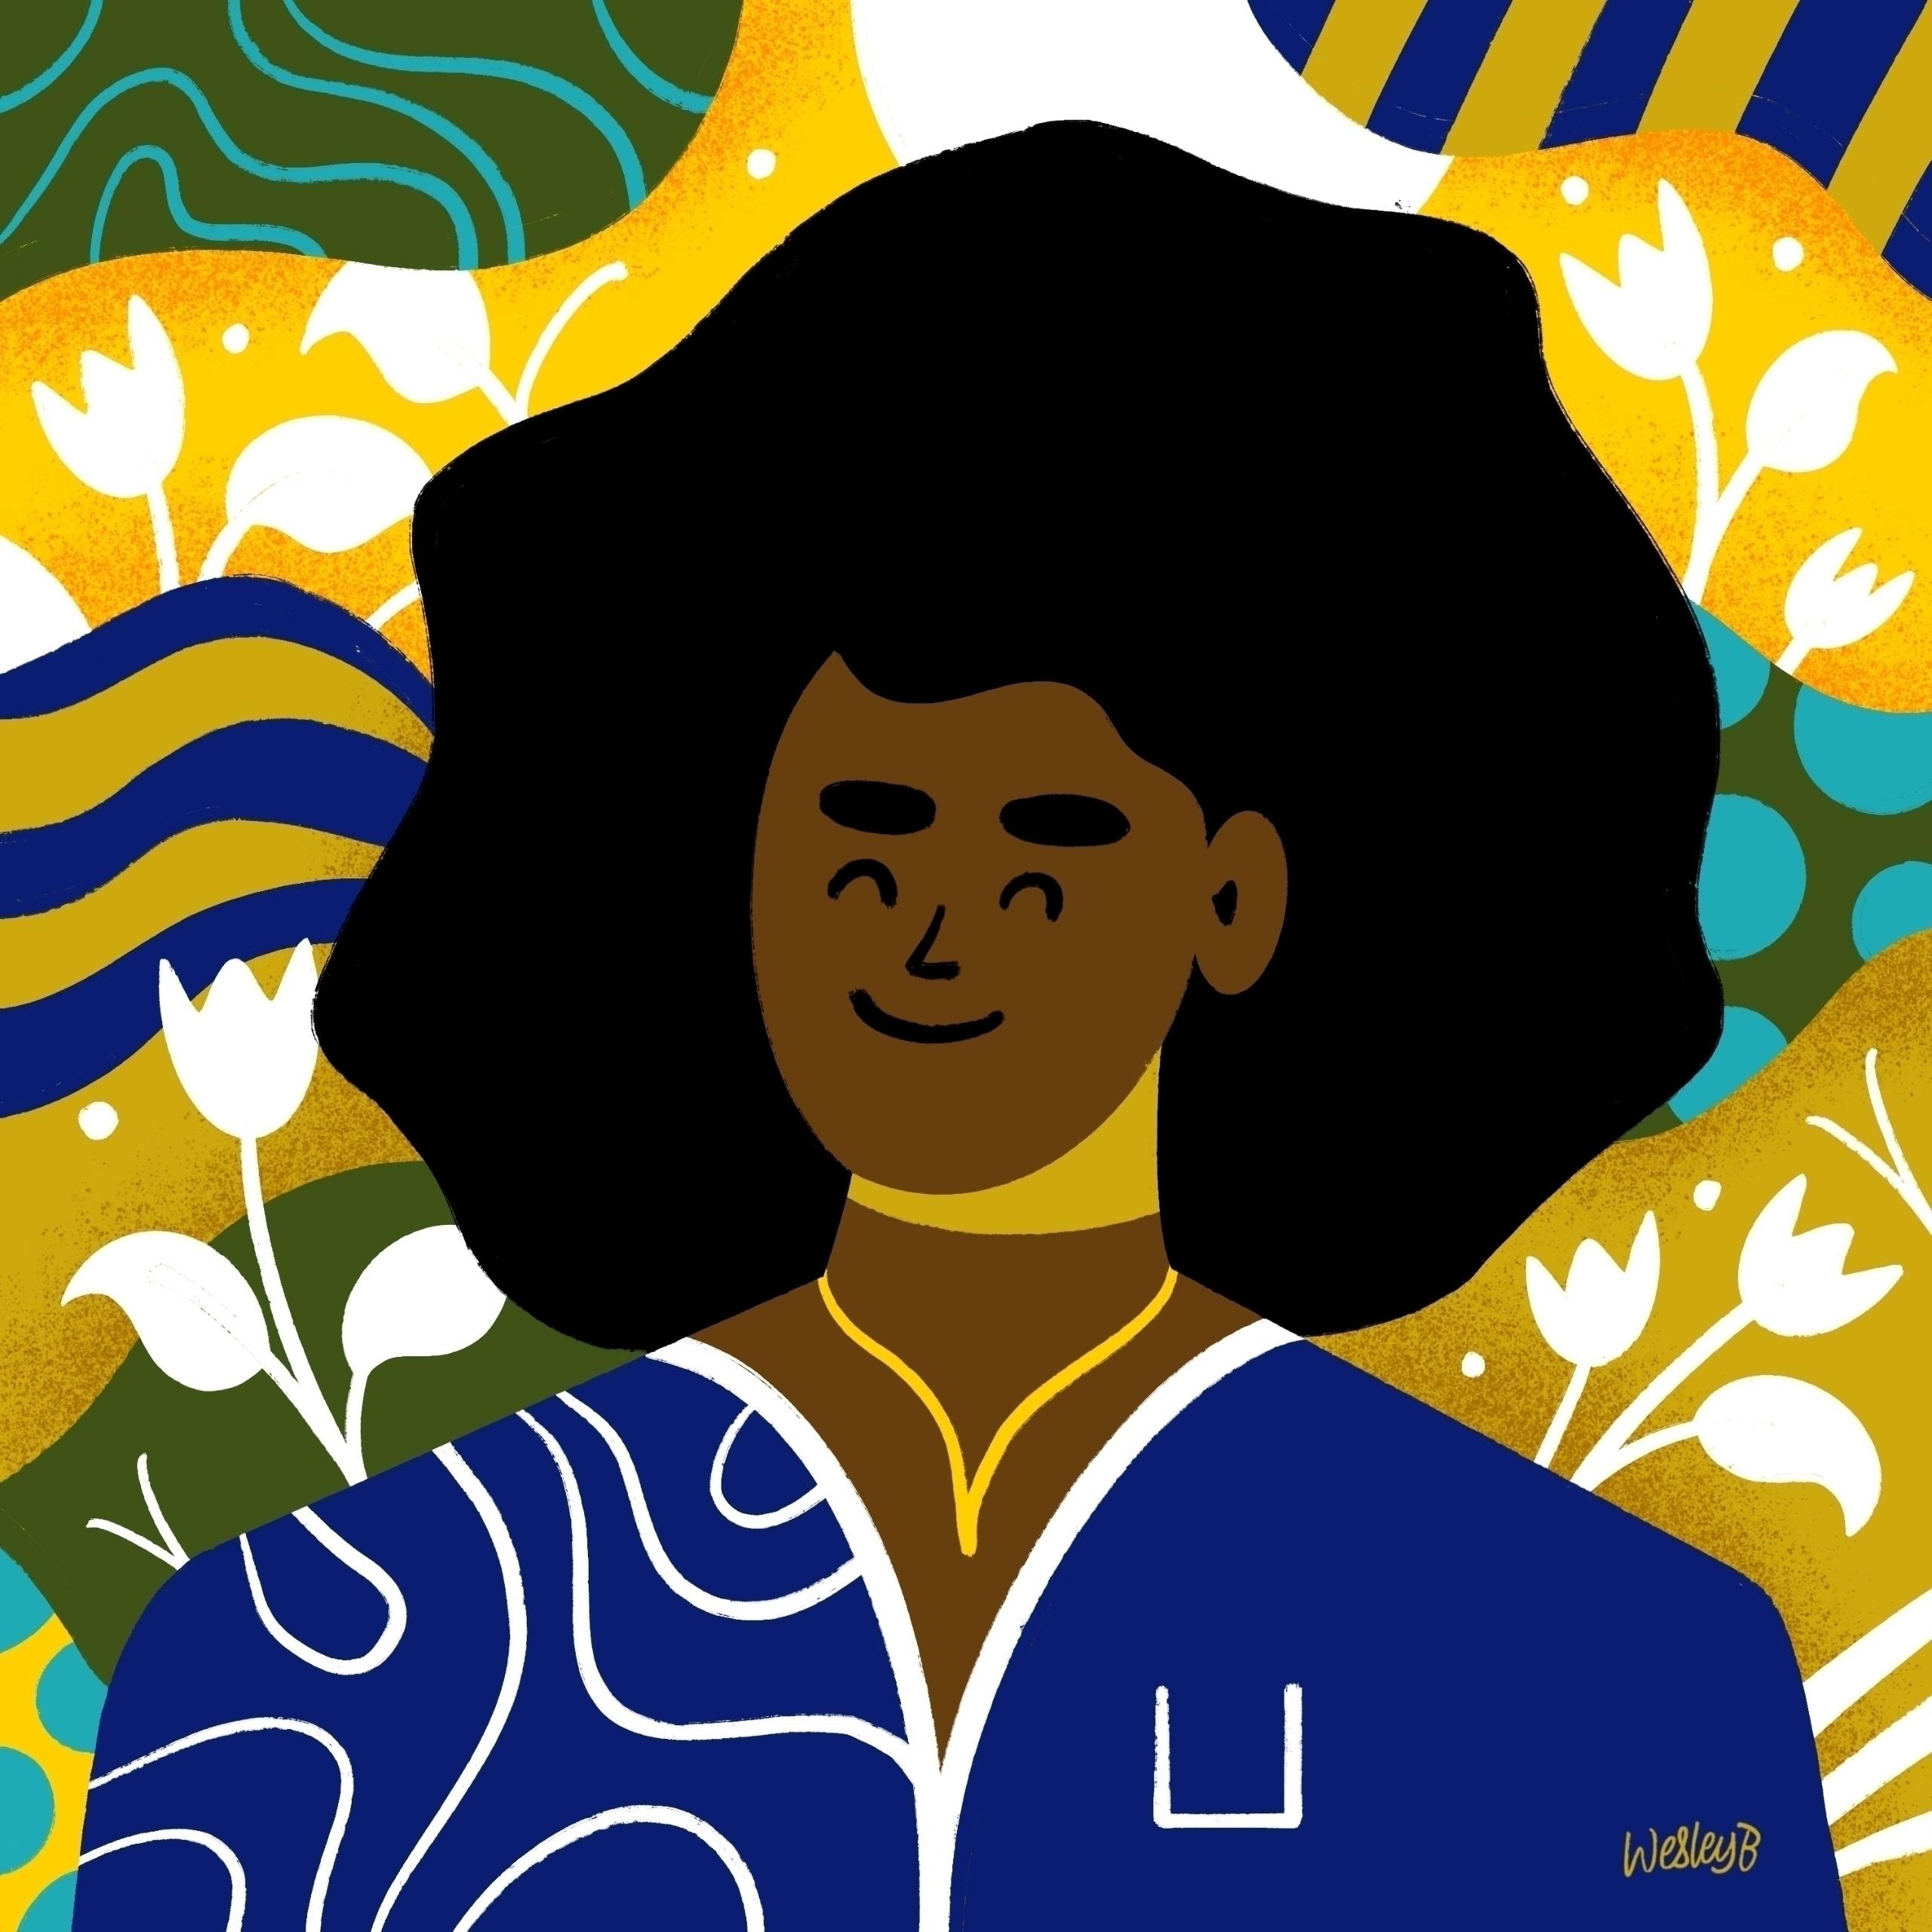 Portrait inspired black lives m - wesleybarnes_ | ello